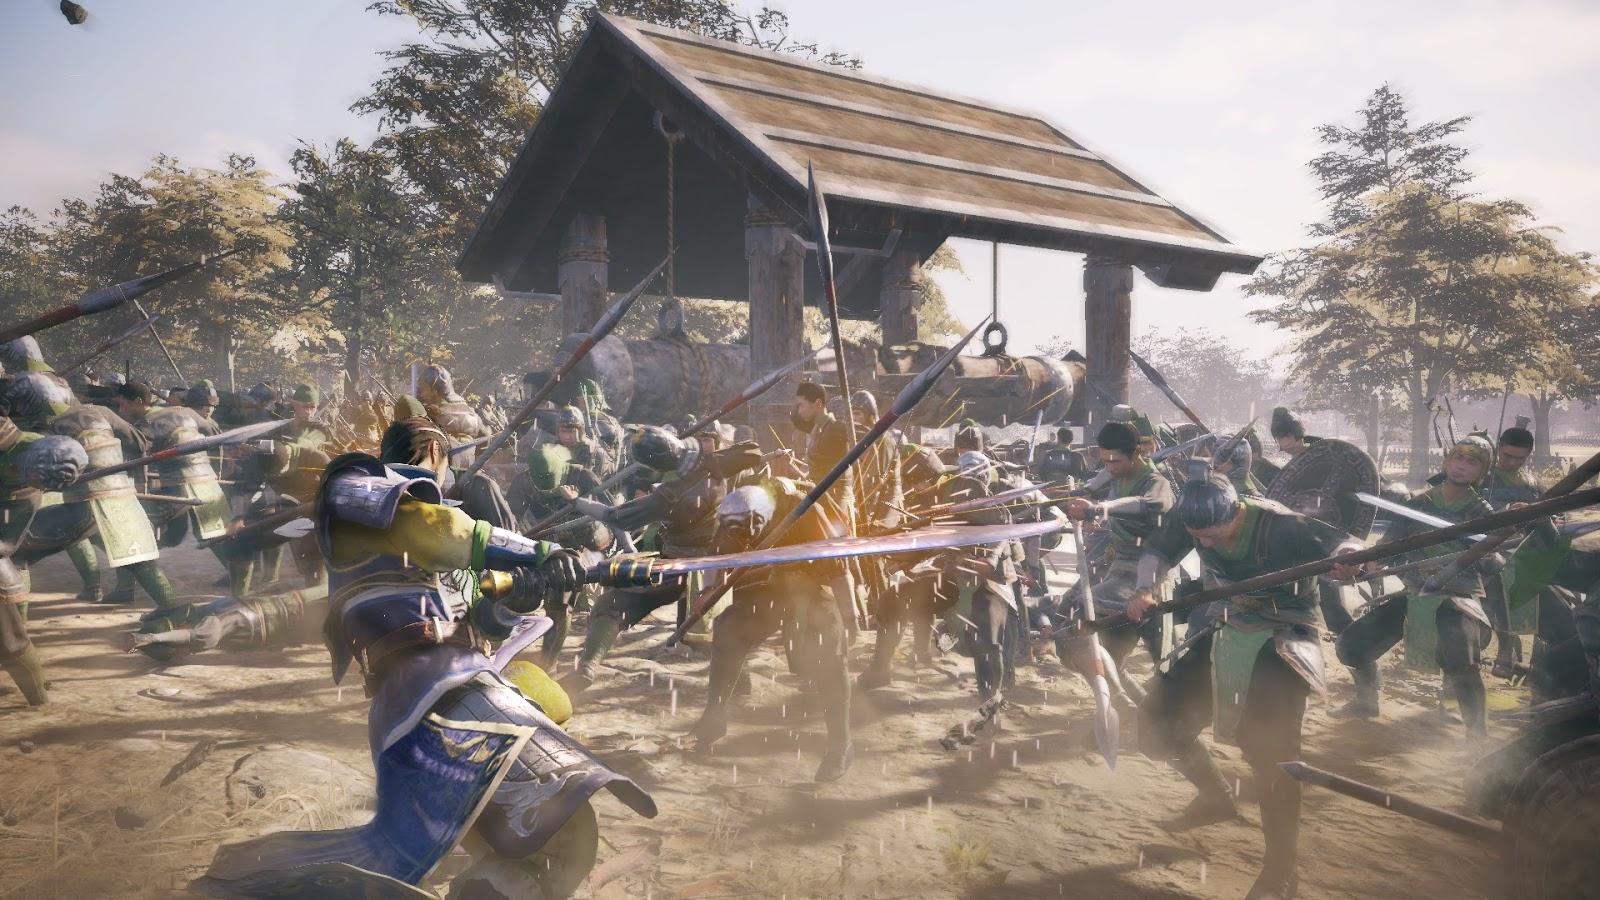 Dinasty Warriors 9 confirma plataformas y desvela personajes novedosos 9